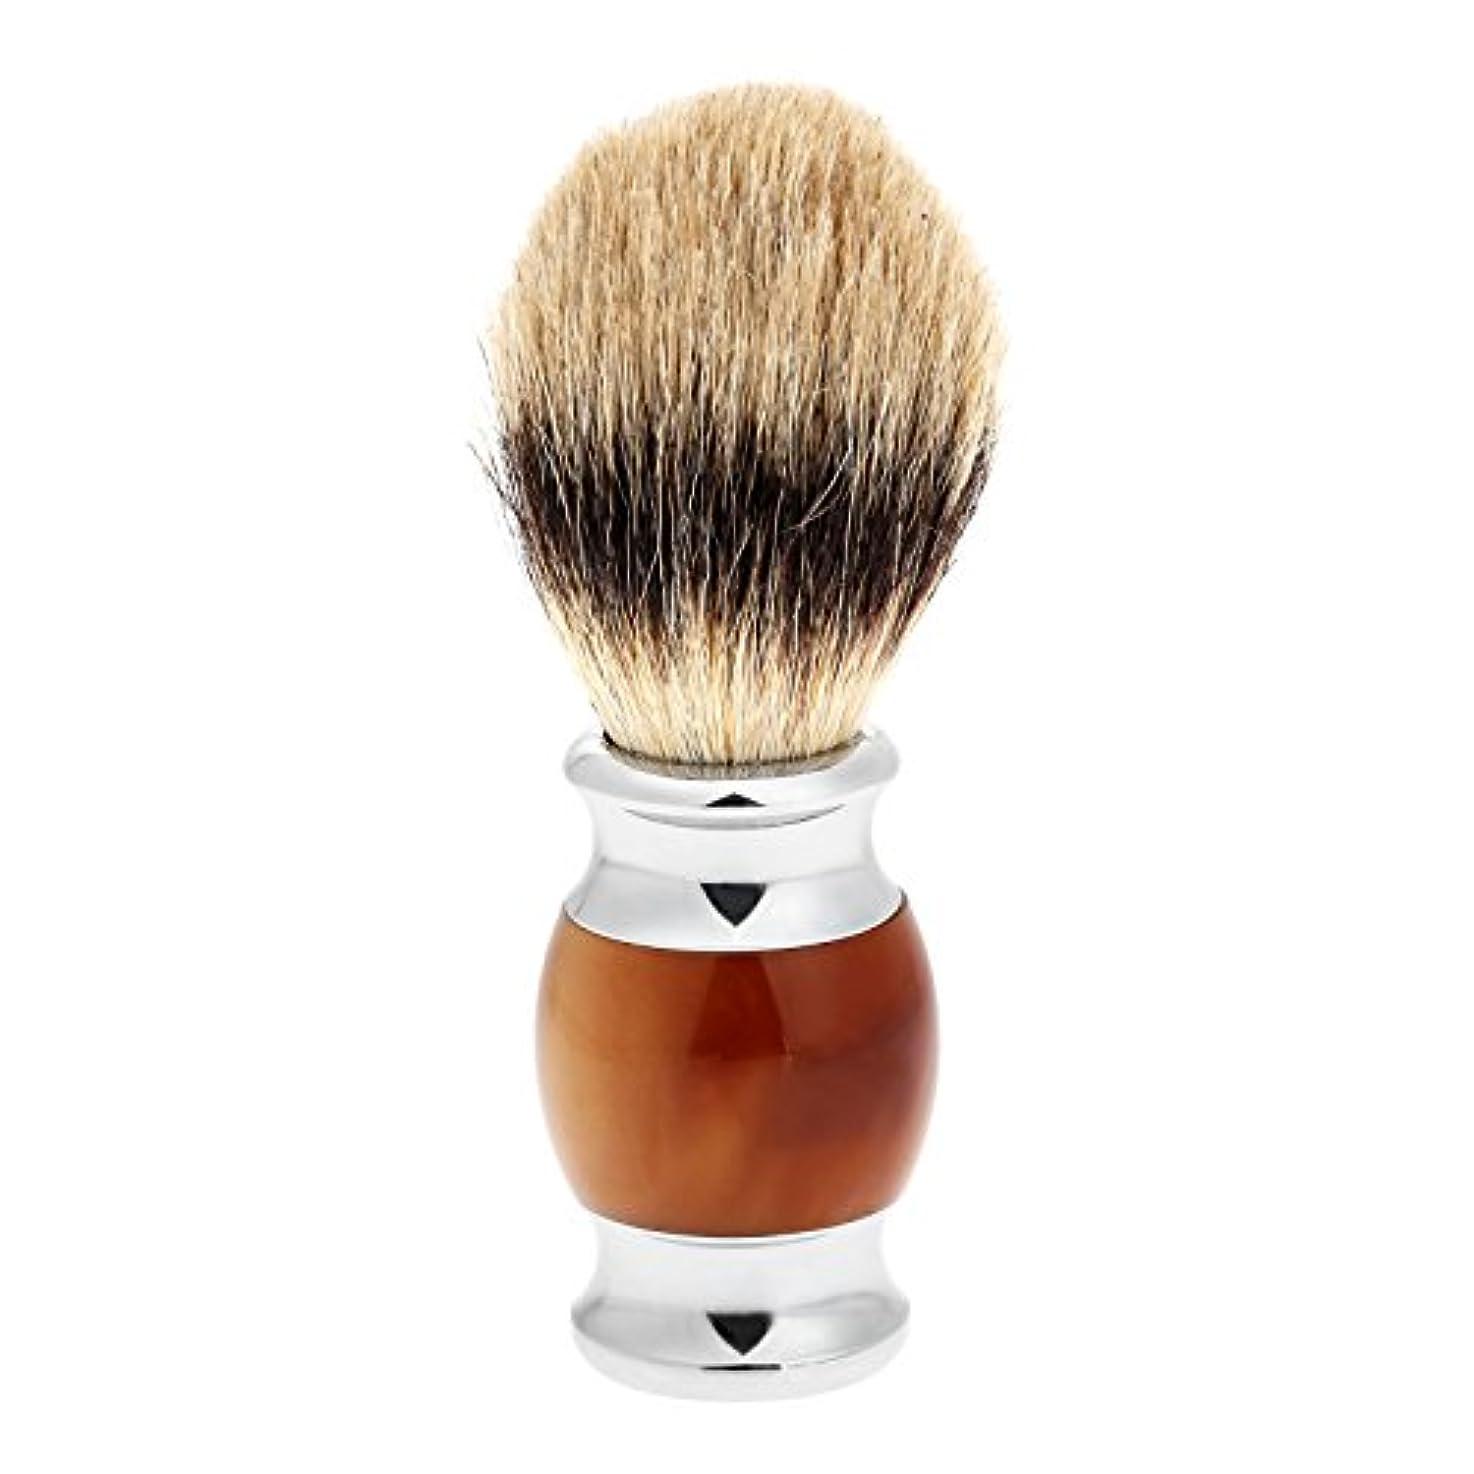 占める先住民モチーフ1PC メンズ ひげブラシ アナグマ毛 シェービングブラシ バーバー シェービング用ブラシ 理容 洗顔 髭剃り